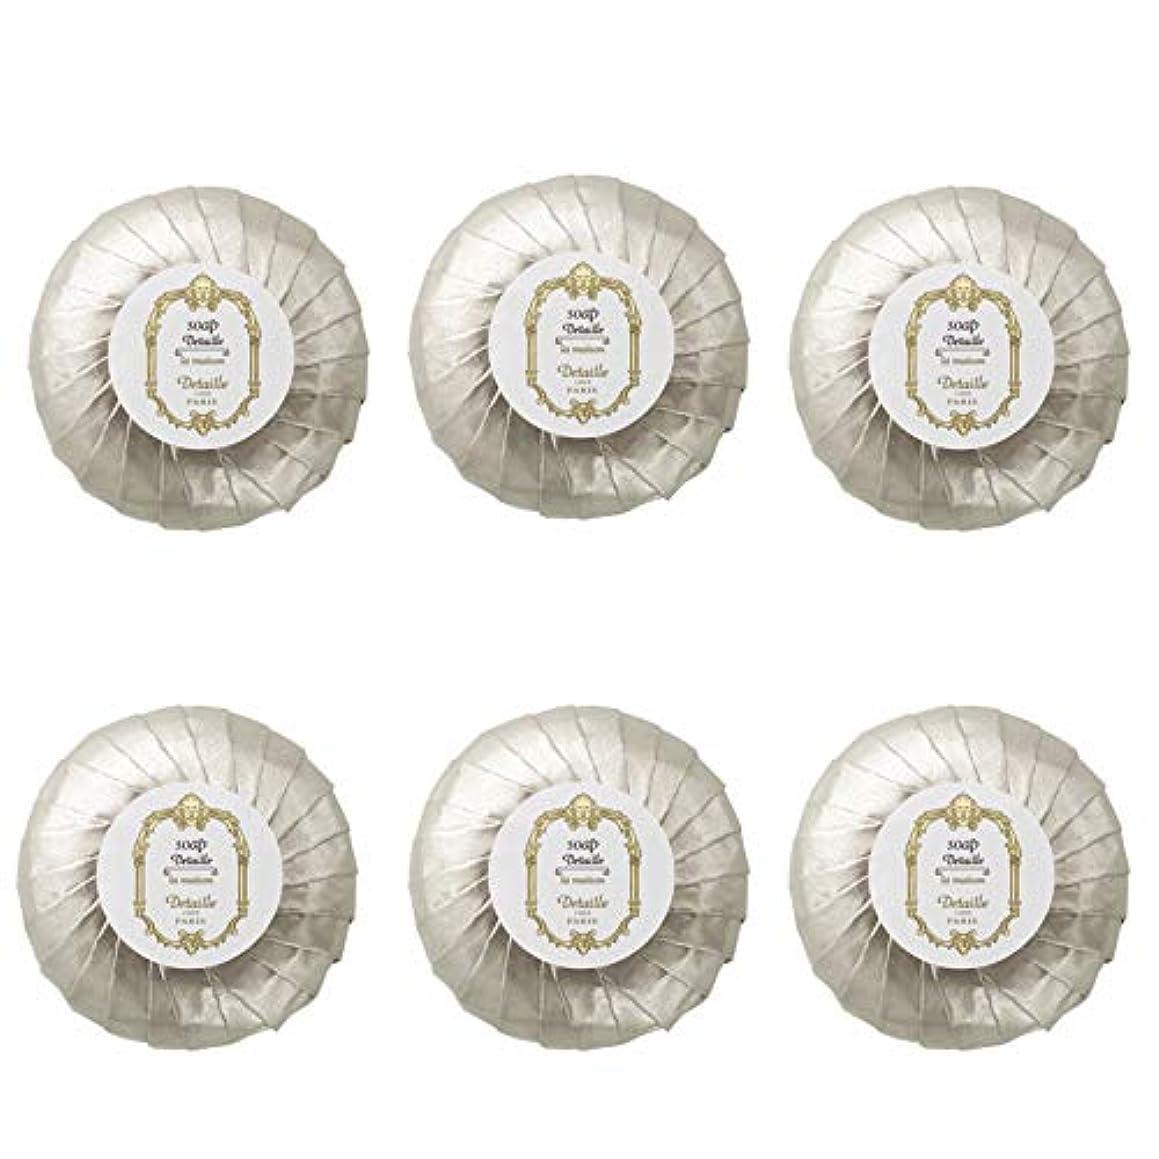 対立基本的な滑るPOLA デタイユ ラ メゾン スキンソープ 固形石鹸 (プリーツ包装) 50g×6個